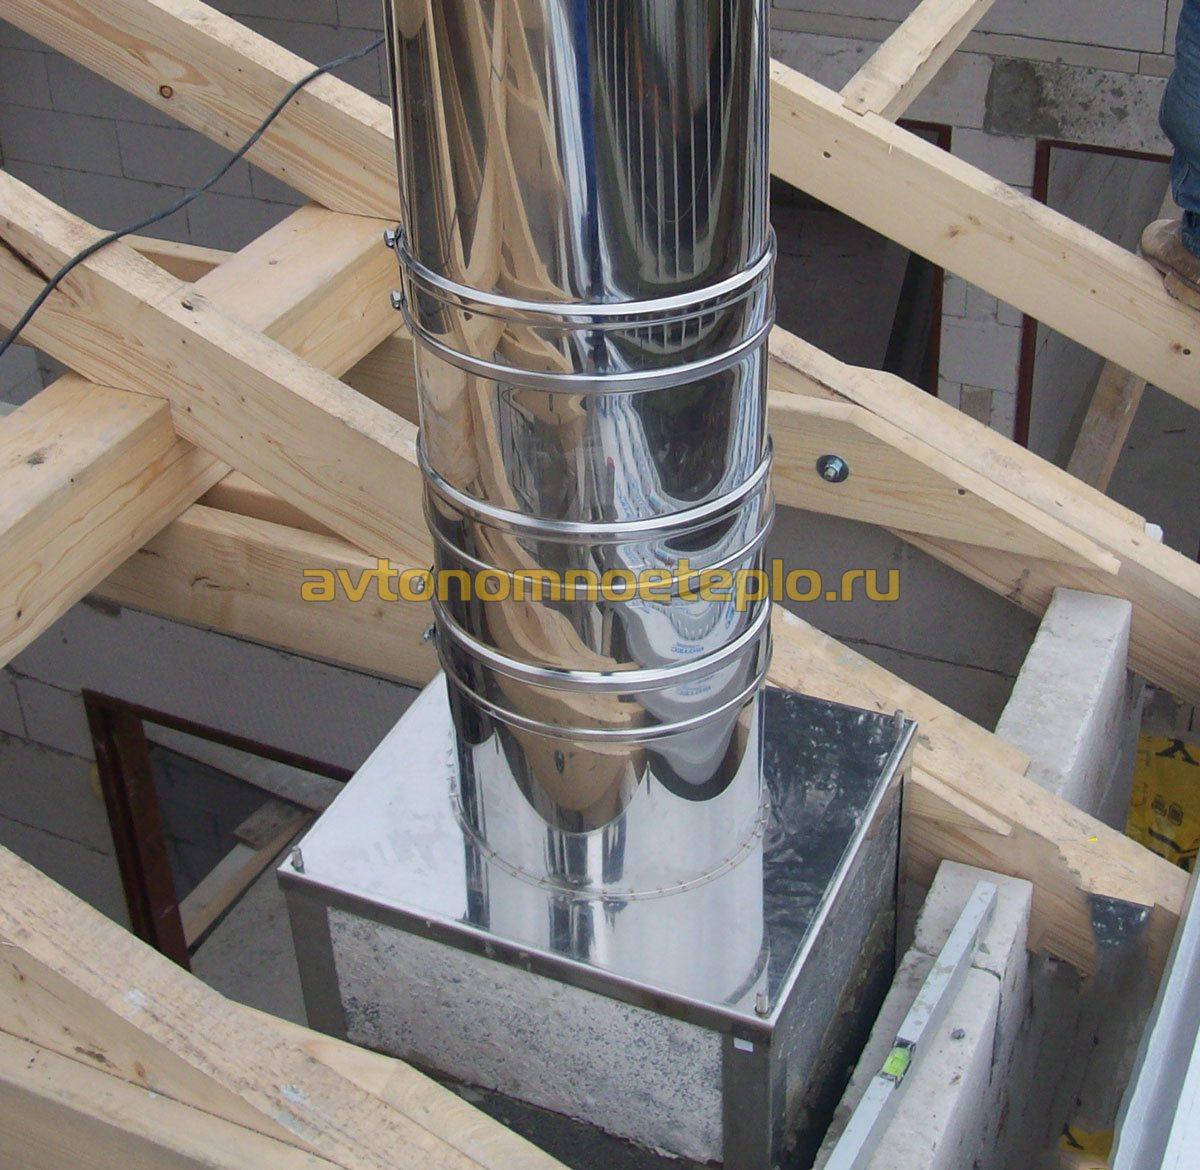 Проход дымохода через деревянное перекрытие - нормативы и технология 4